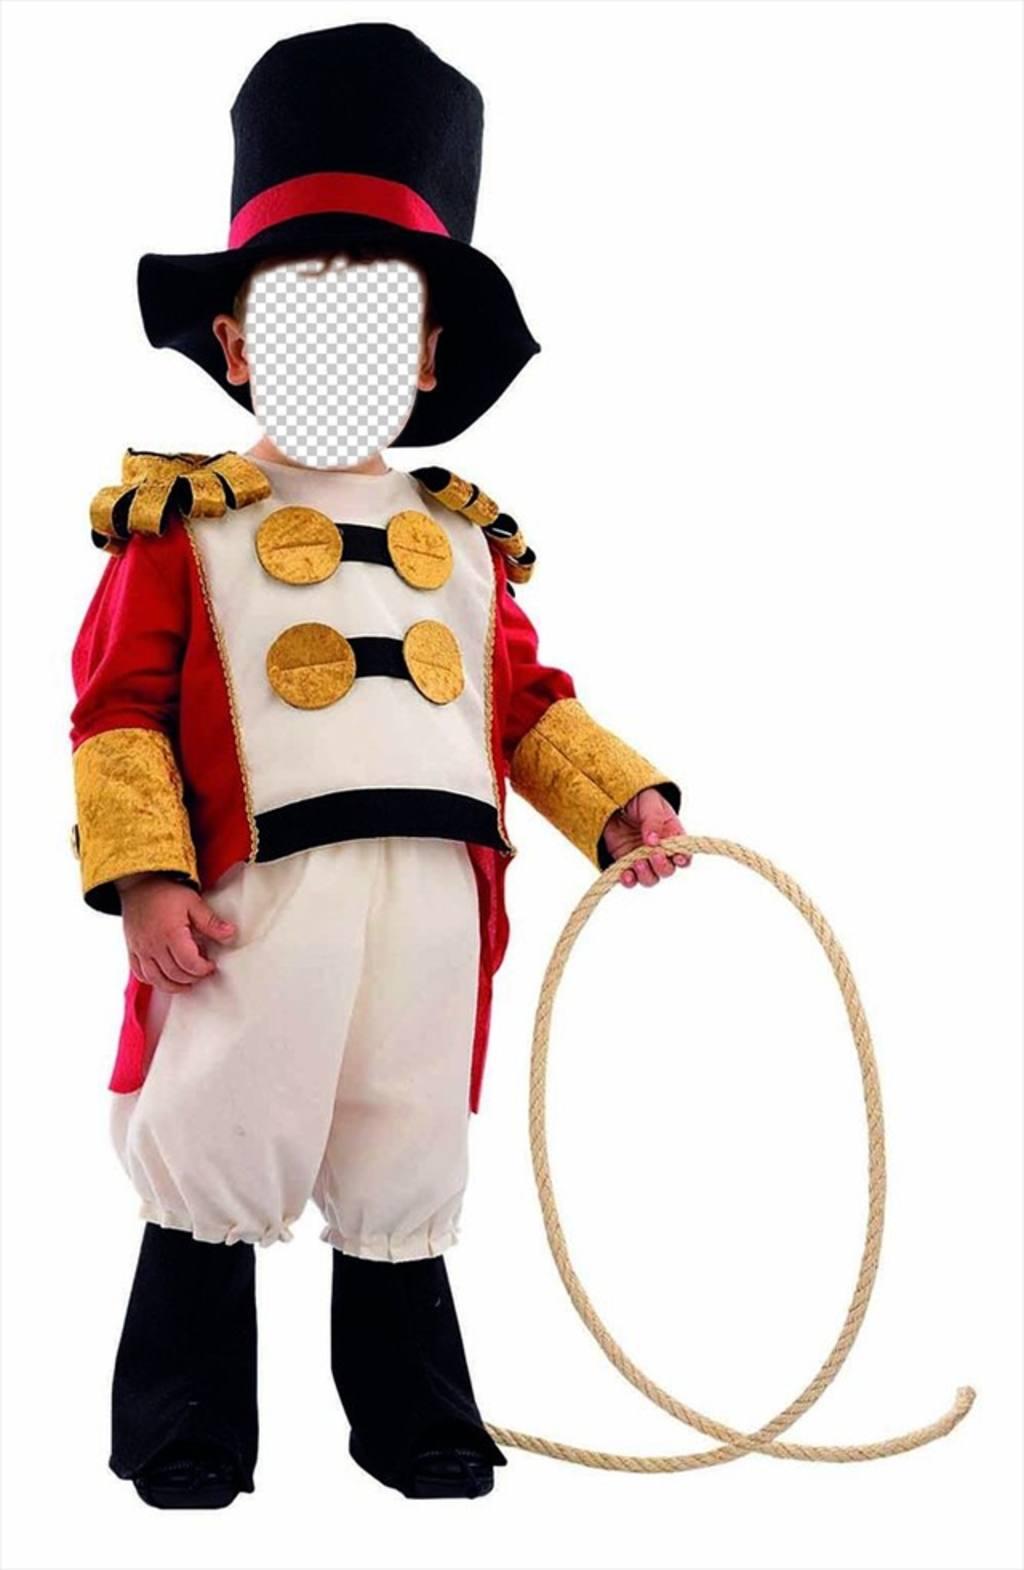 Enfants photomontages de lion dompteur de cirque pour modifier